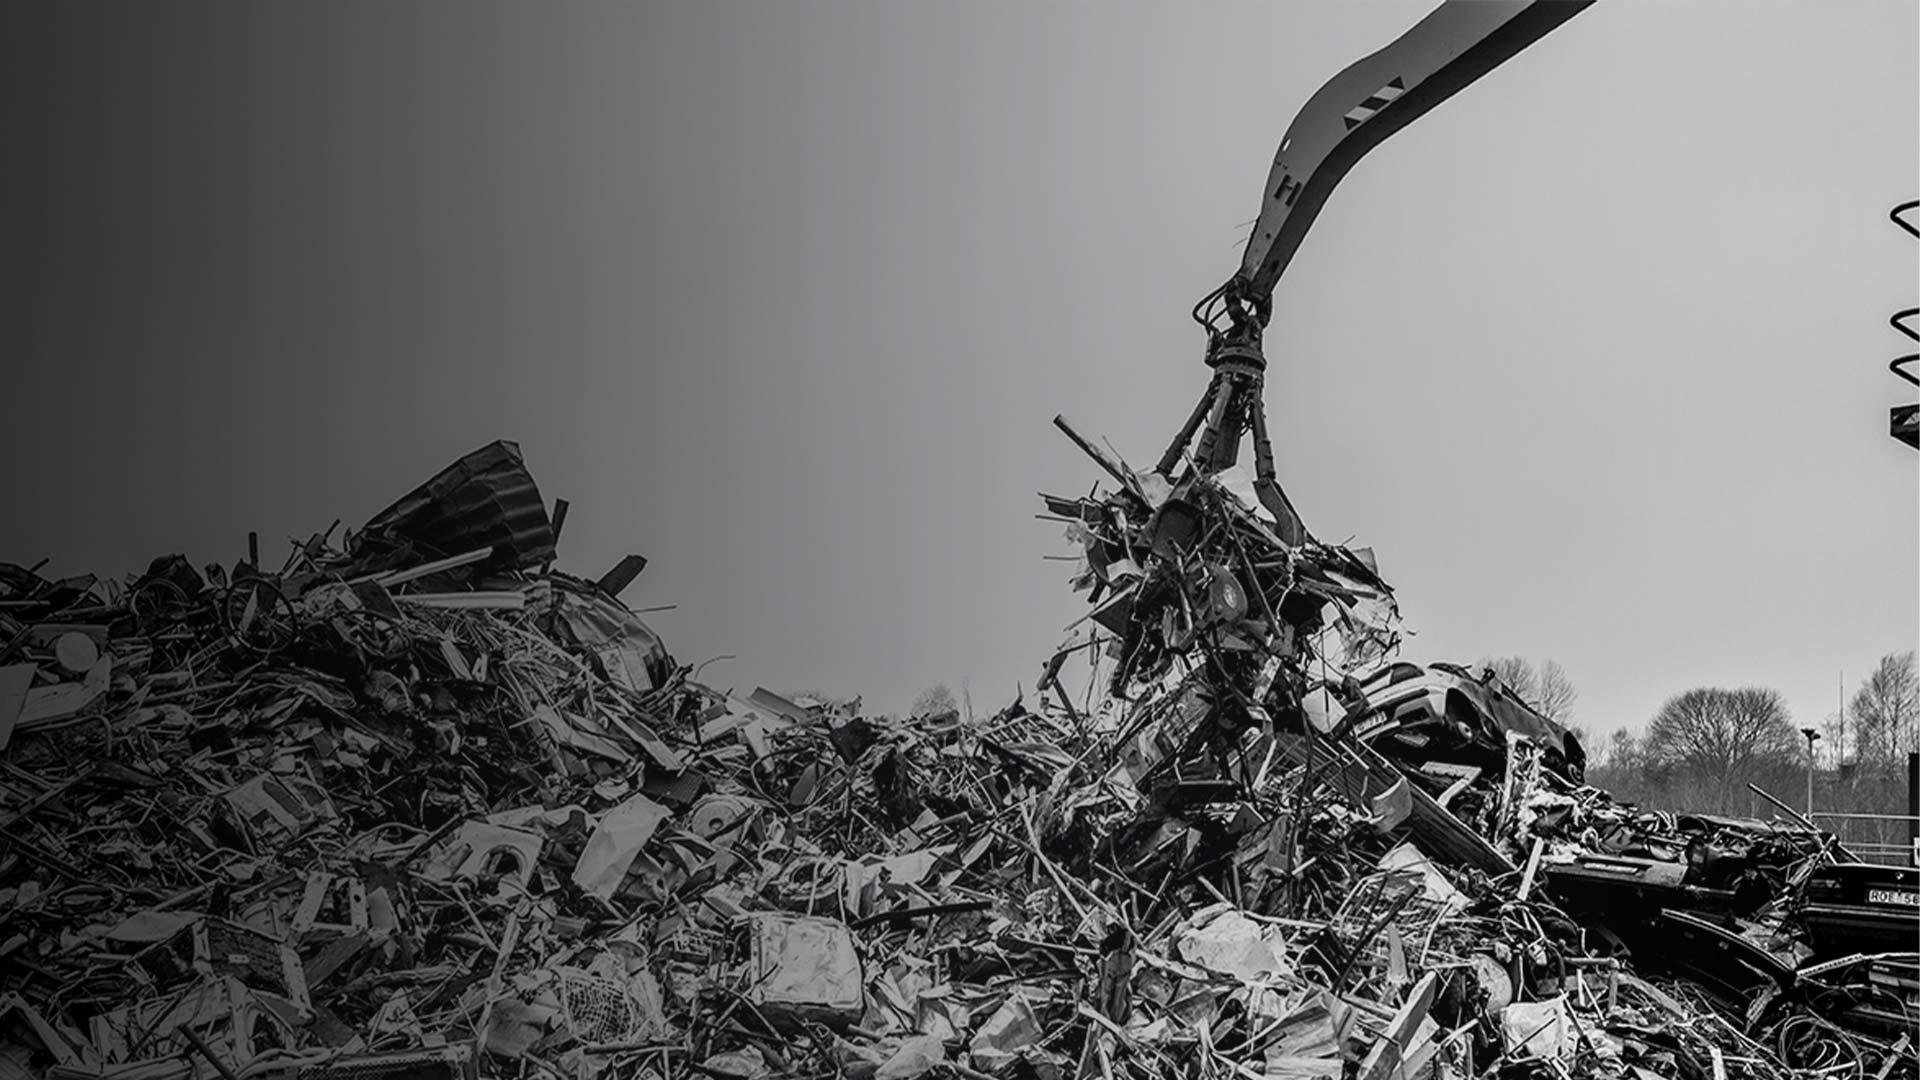 Attrezzatura per la demolizione e il riciclaggio Hardox® In My Body